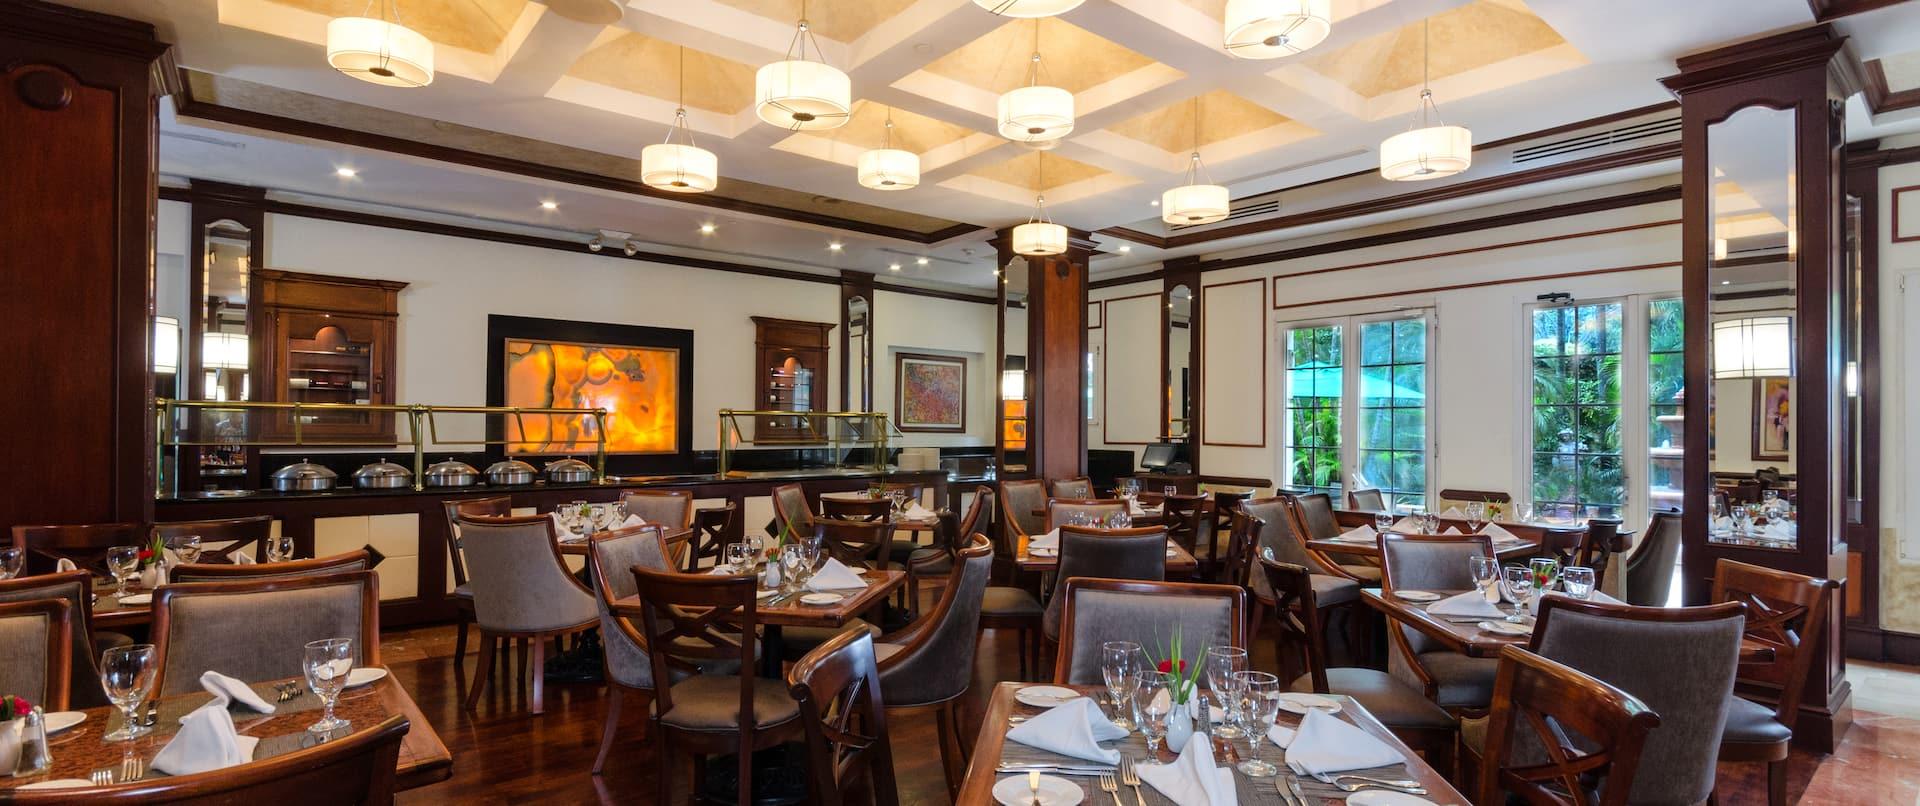 Garden Court Restaurant Dining Area